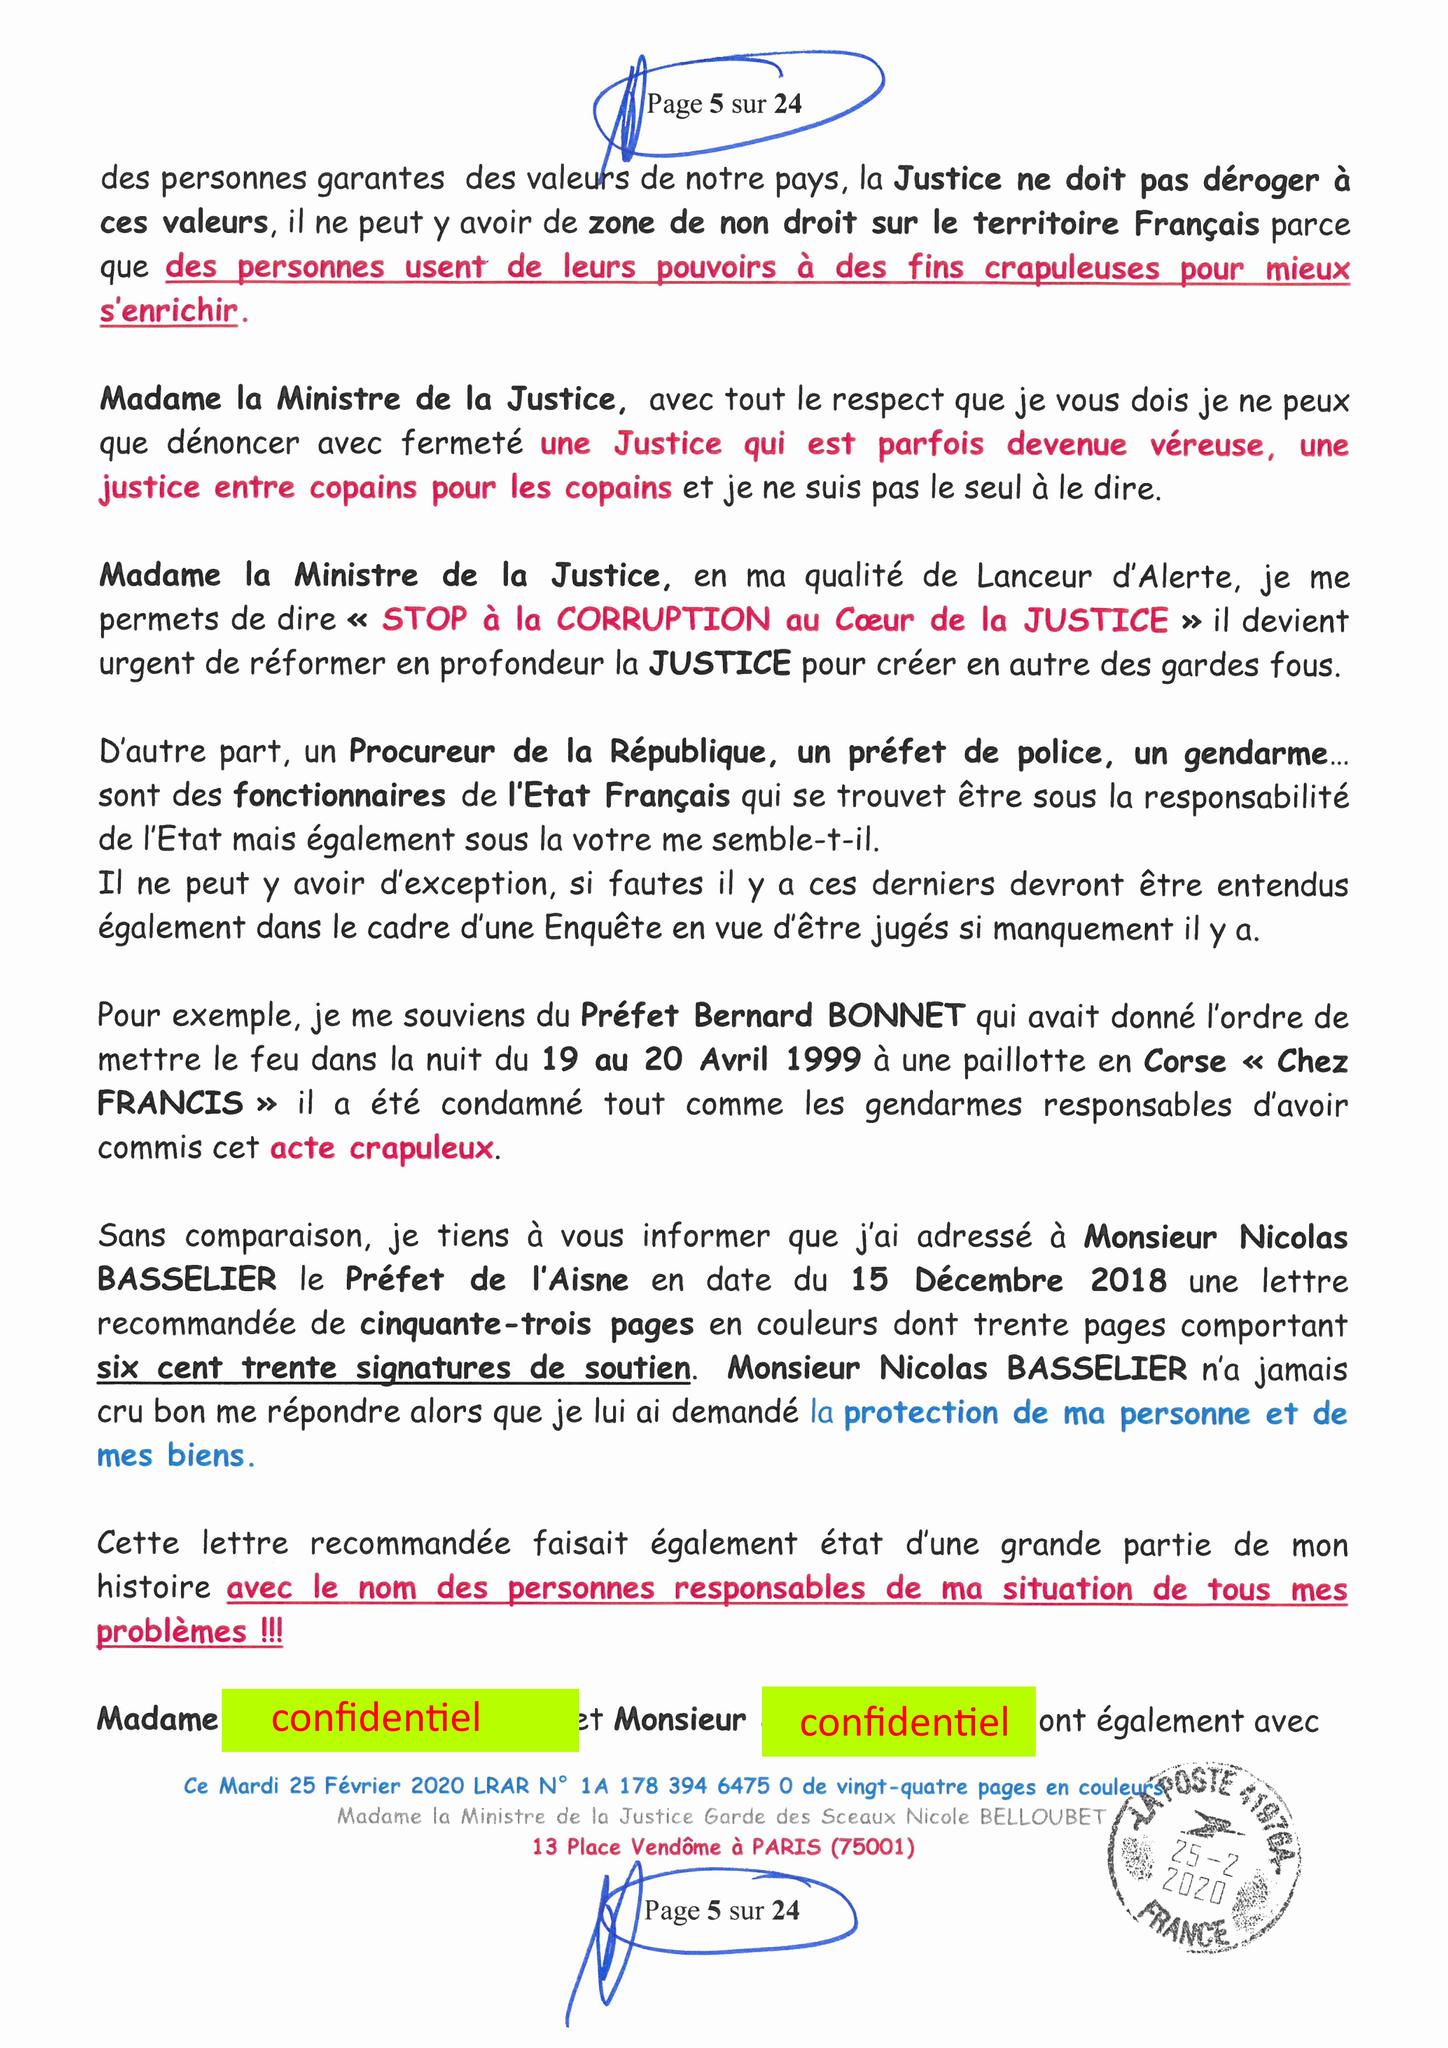 Ma LRAR à Madame Nicole BELLOUBET la Ministre de la Justice N0 1A 178 394 6475 0 Page 5 sur 24 en couleur  www.jesuispatrick.com